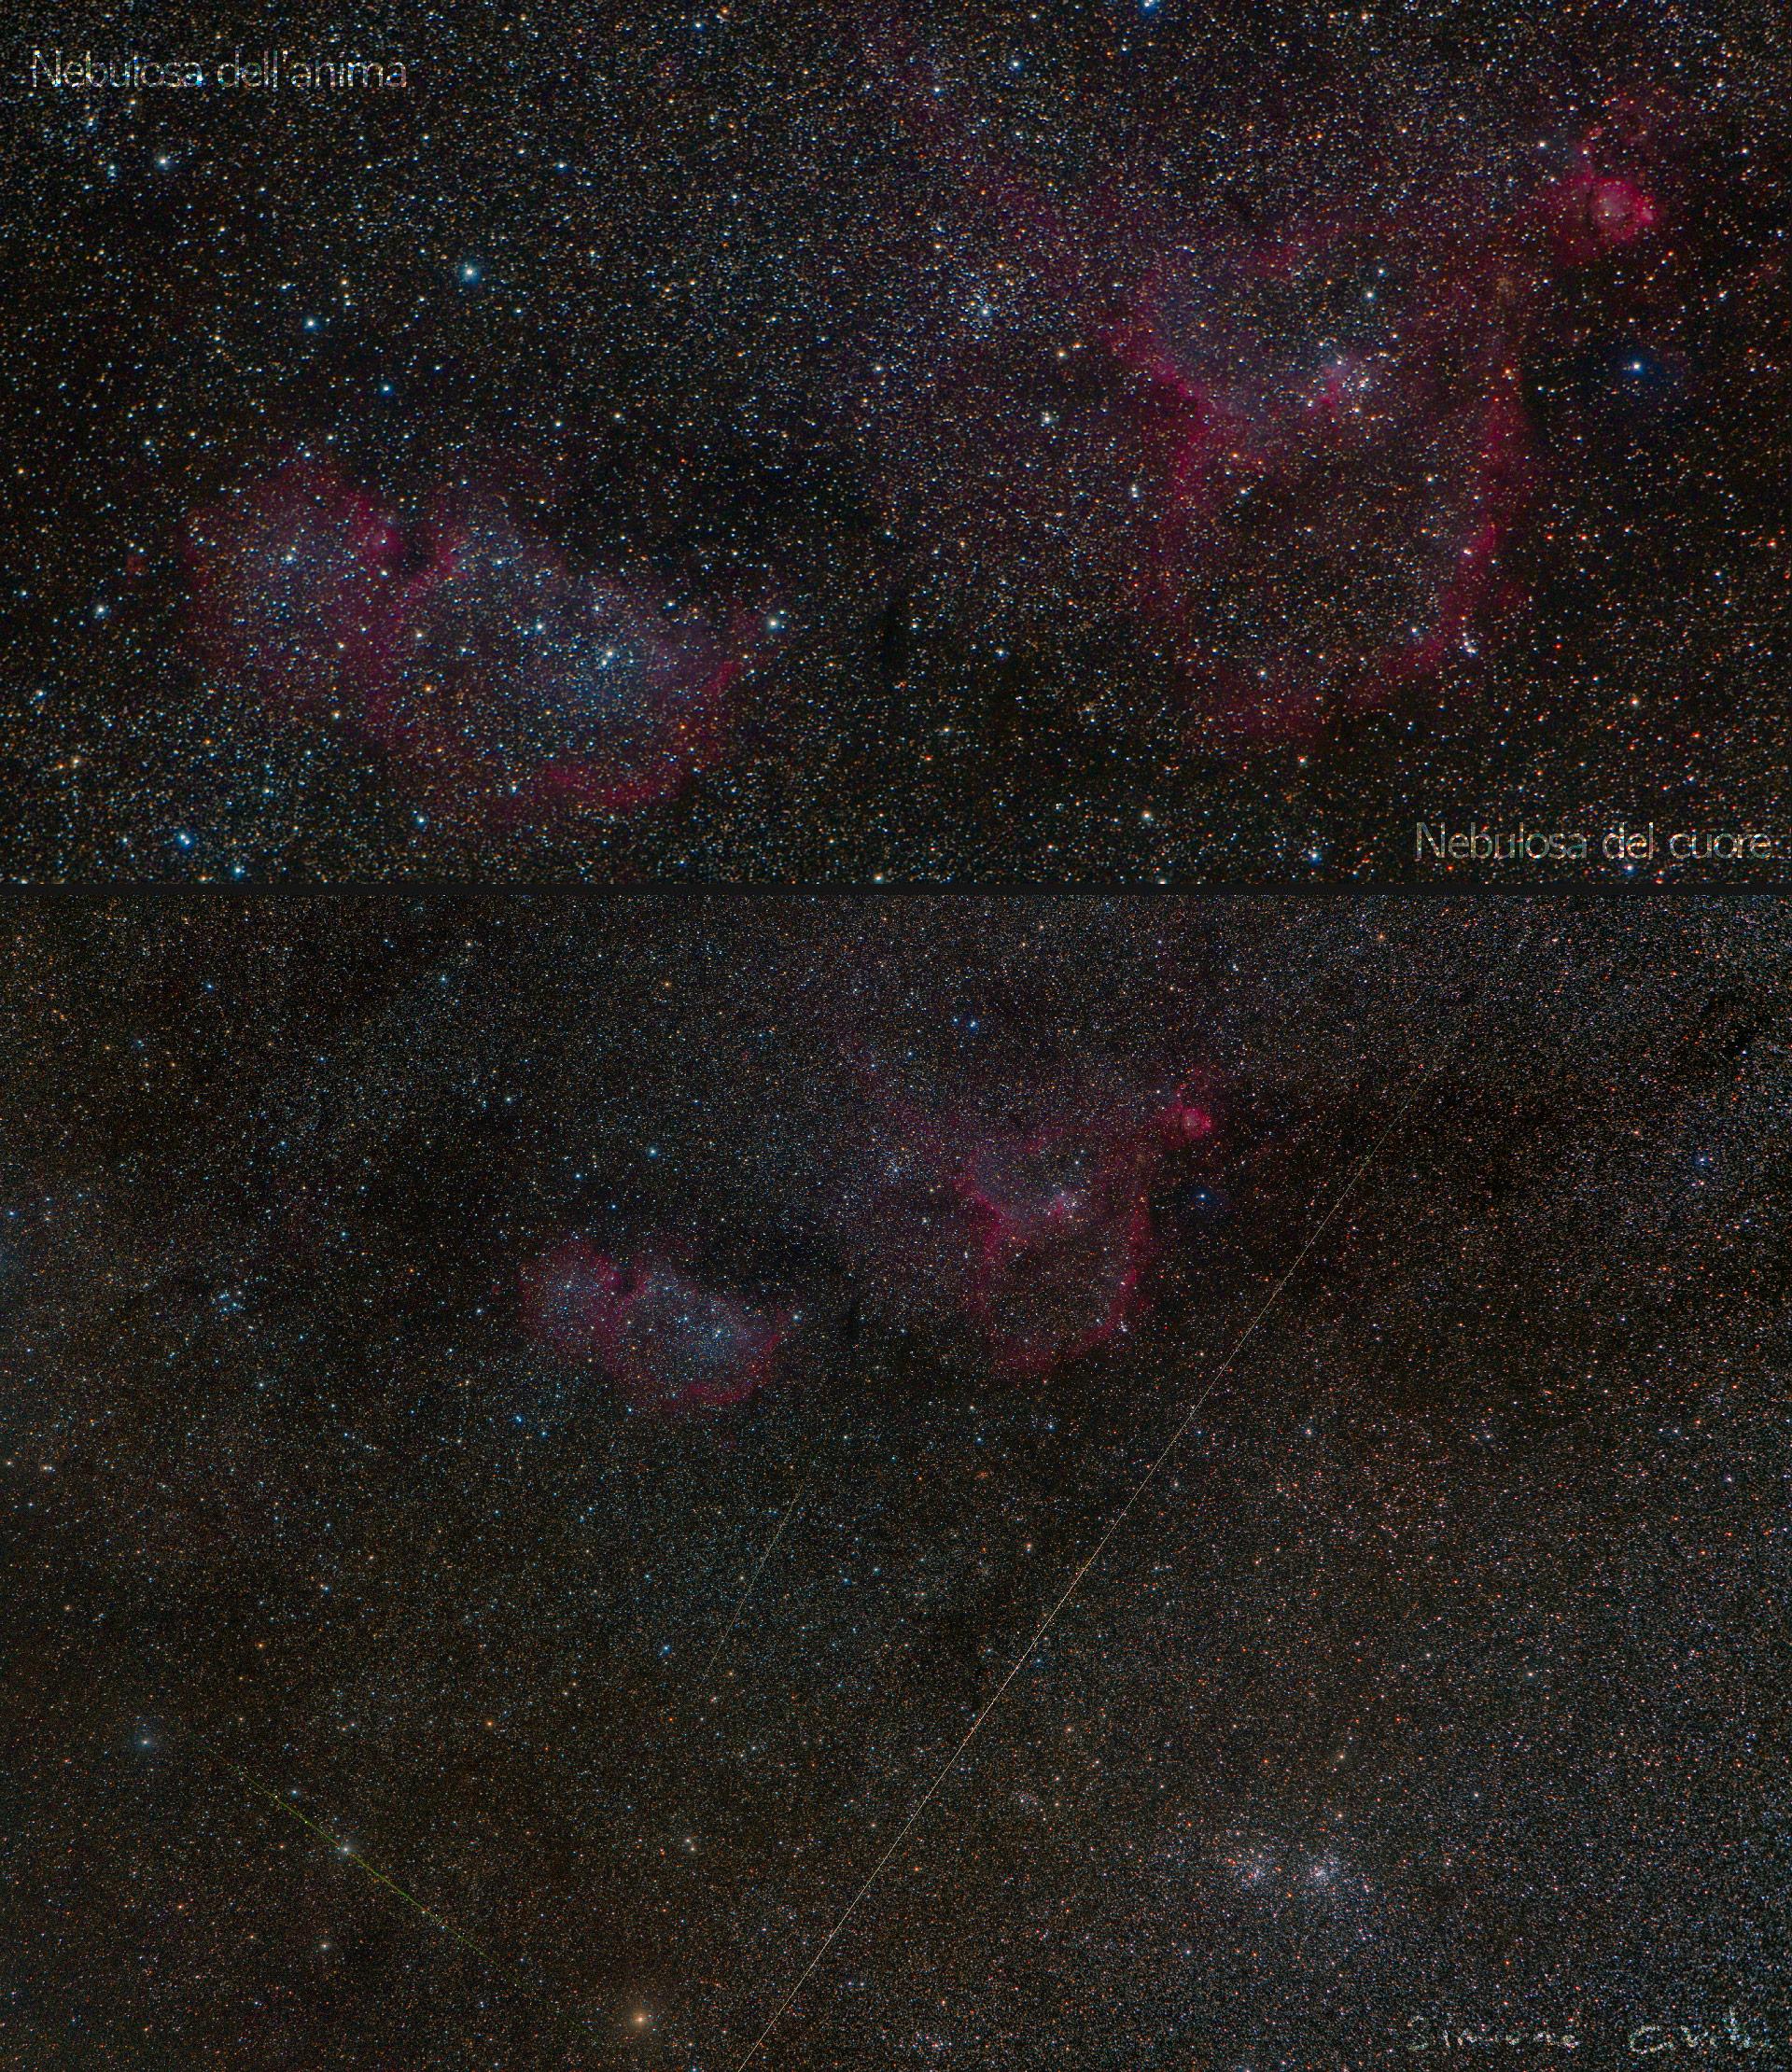 Nebulosa Cuore, Nebulosa Anima. Riprese dal Monte Penna 2020 30s x 236 175mm f2.8 iso 3200. Simone Civita